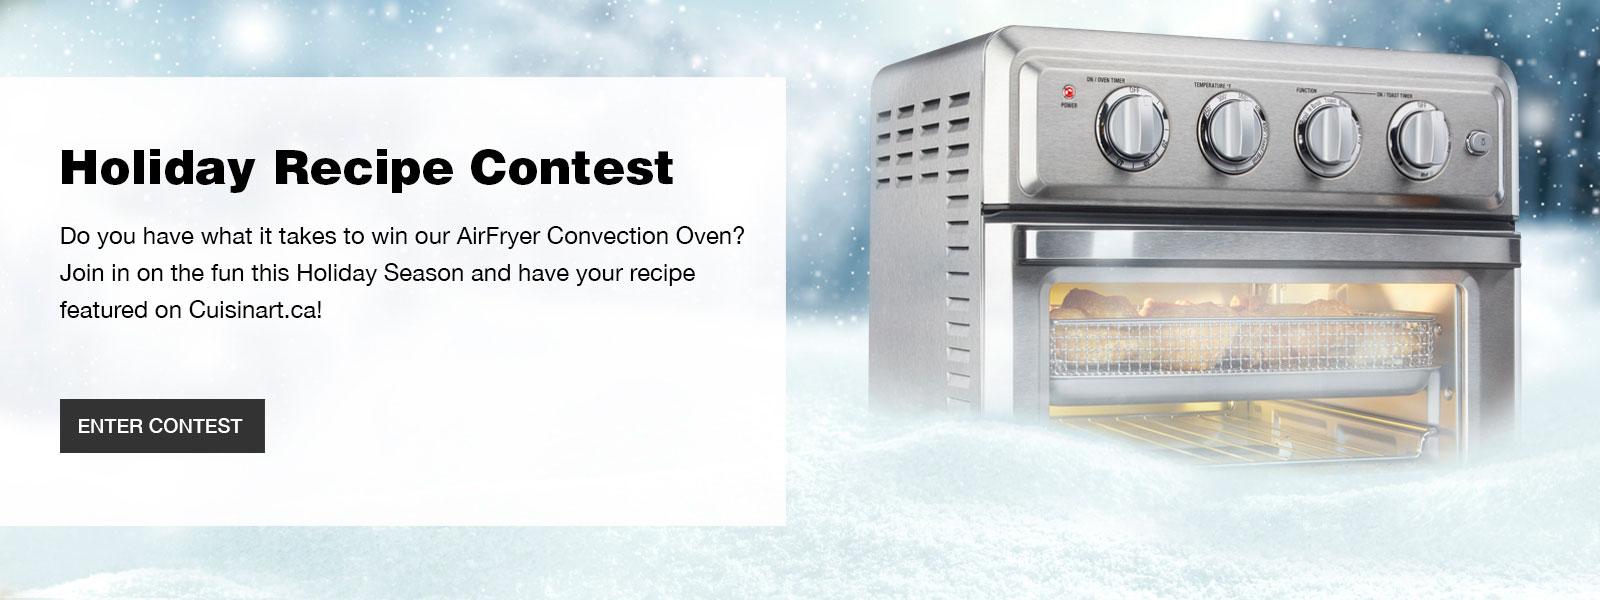 Cuisinart Contest 2018